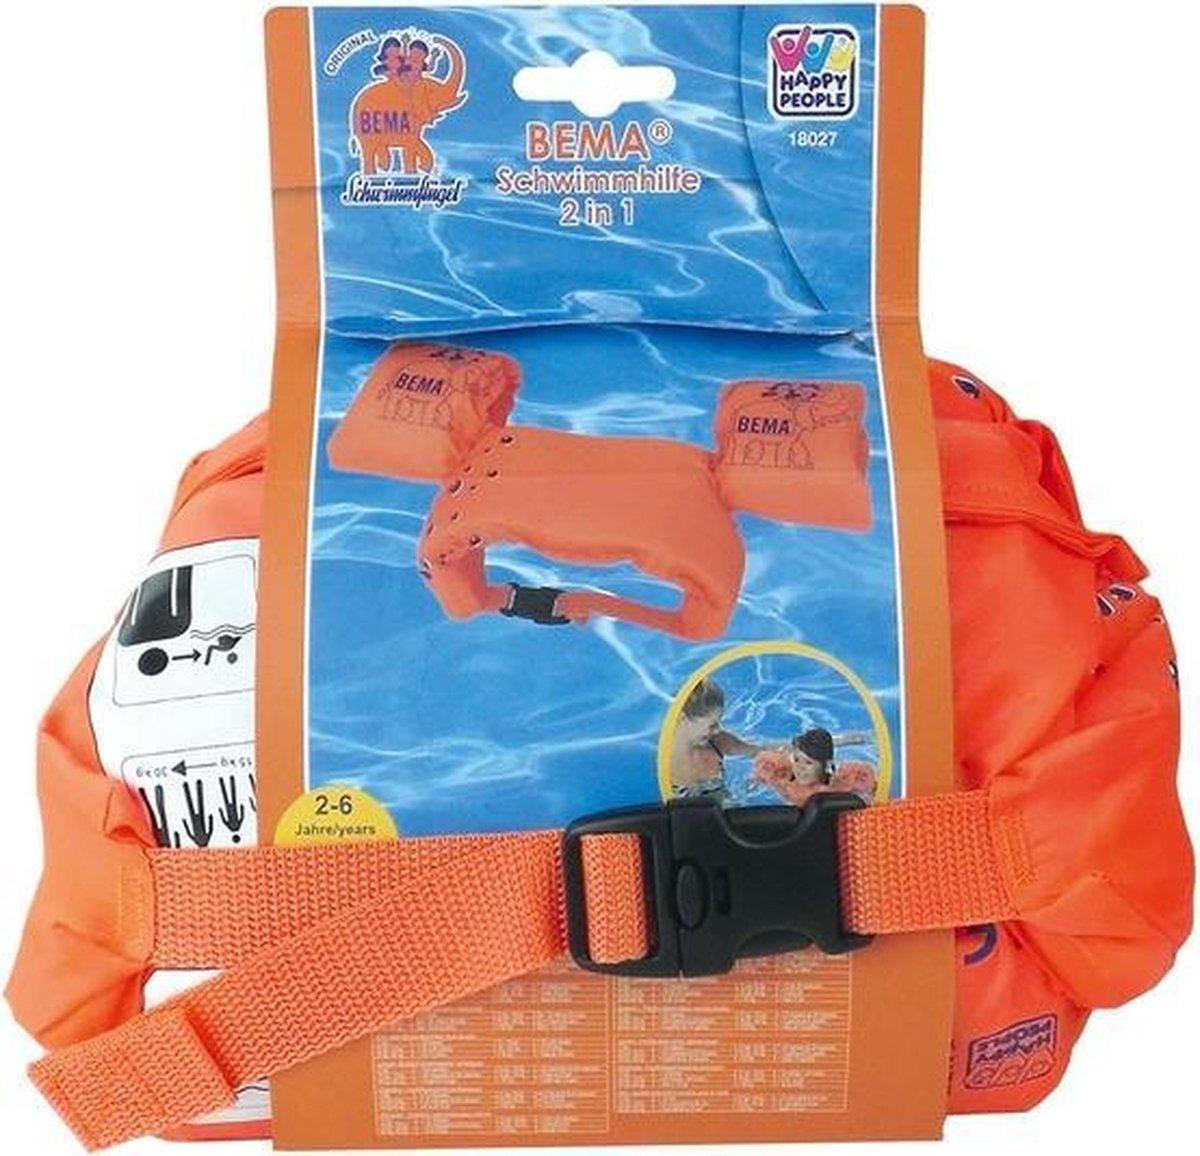 Zwemhulpmiddel 2-in-1 oranje zwemband met zwembandjes 15-30 kilo - Zwemhulpjes / zwemhulpmiddelen